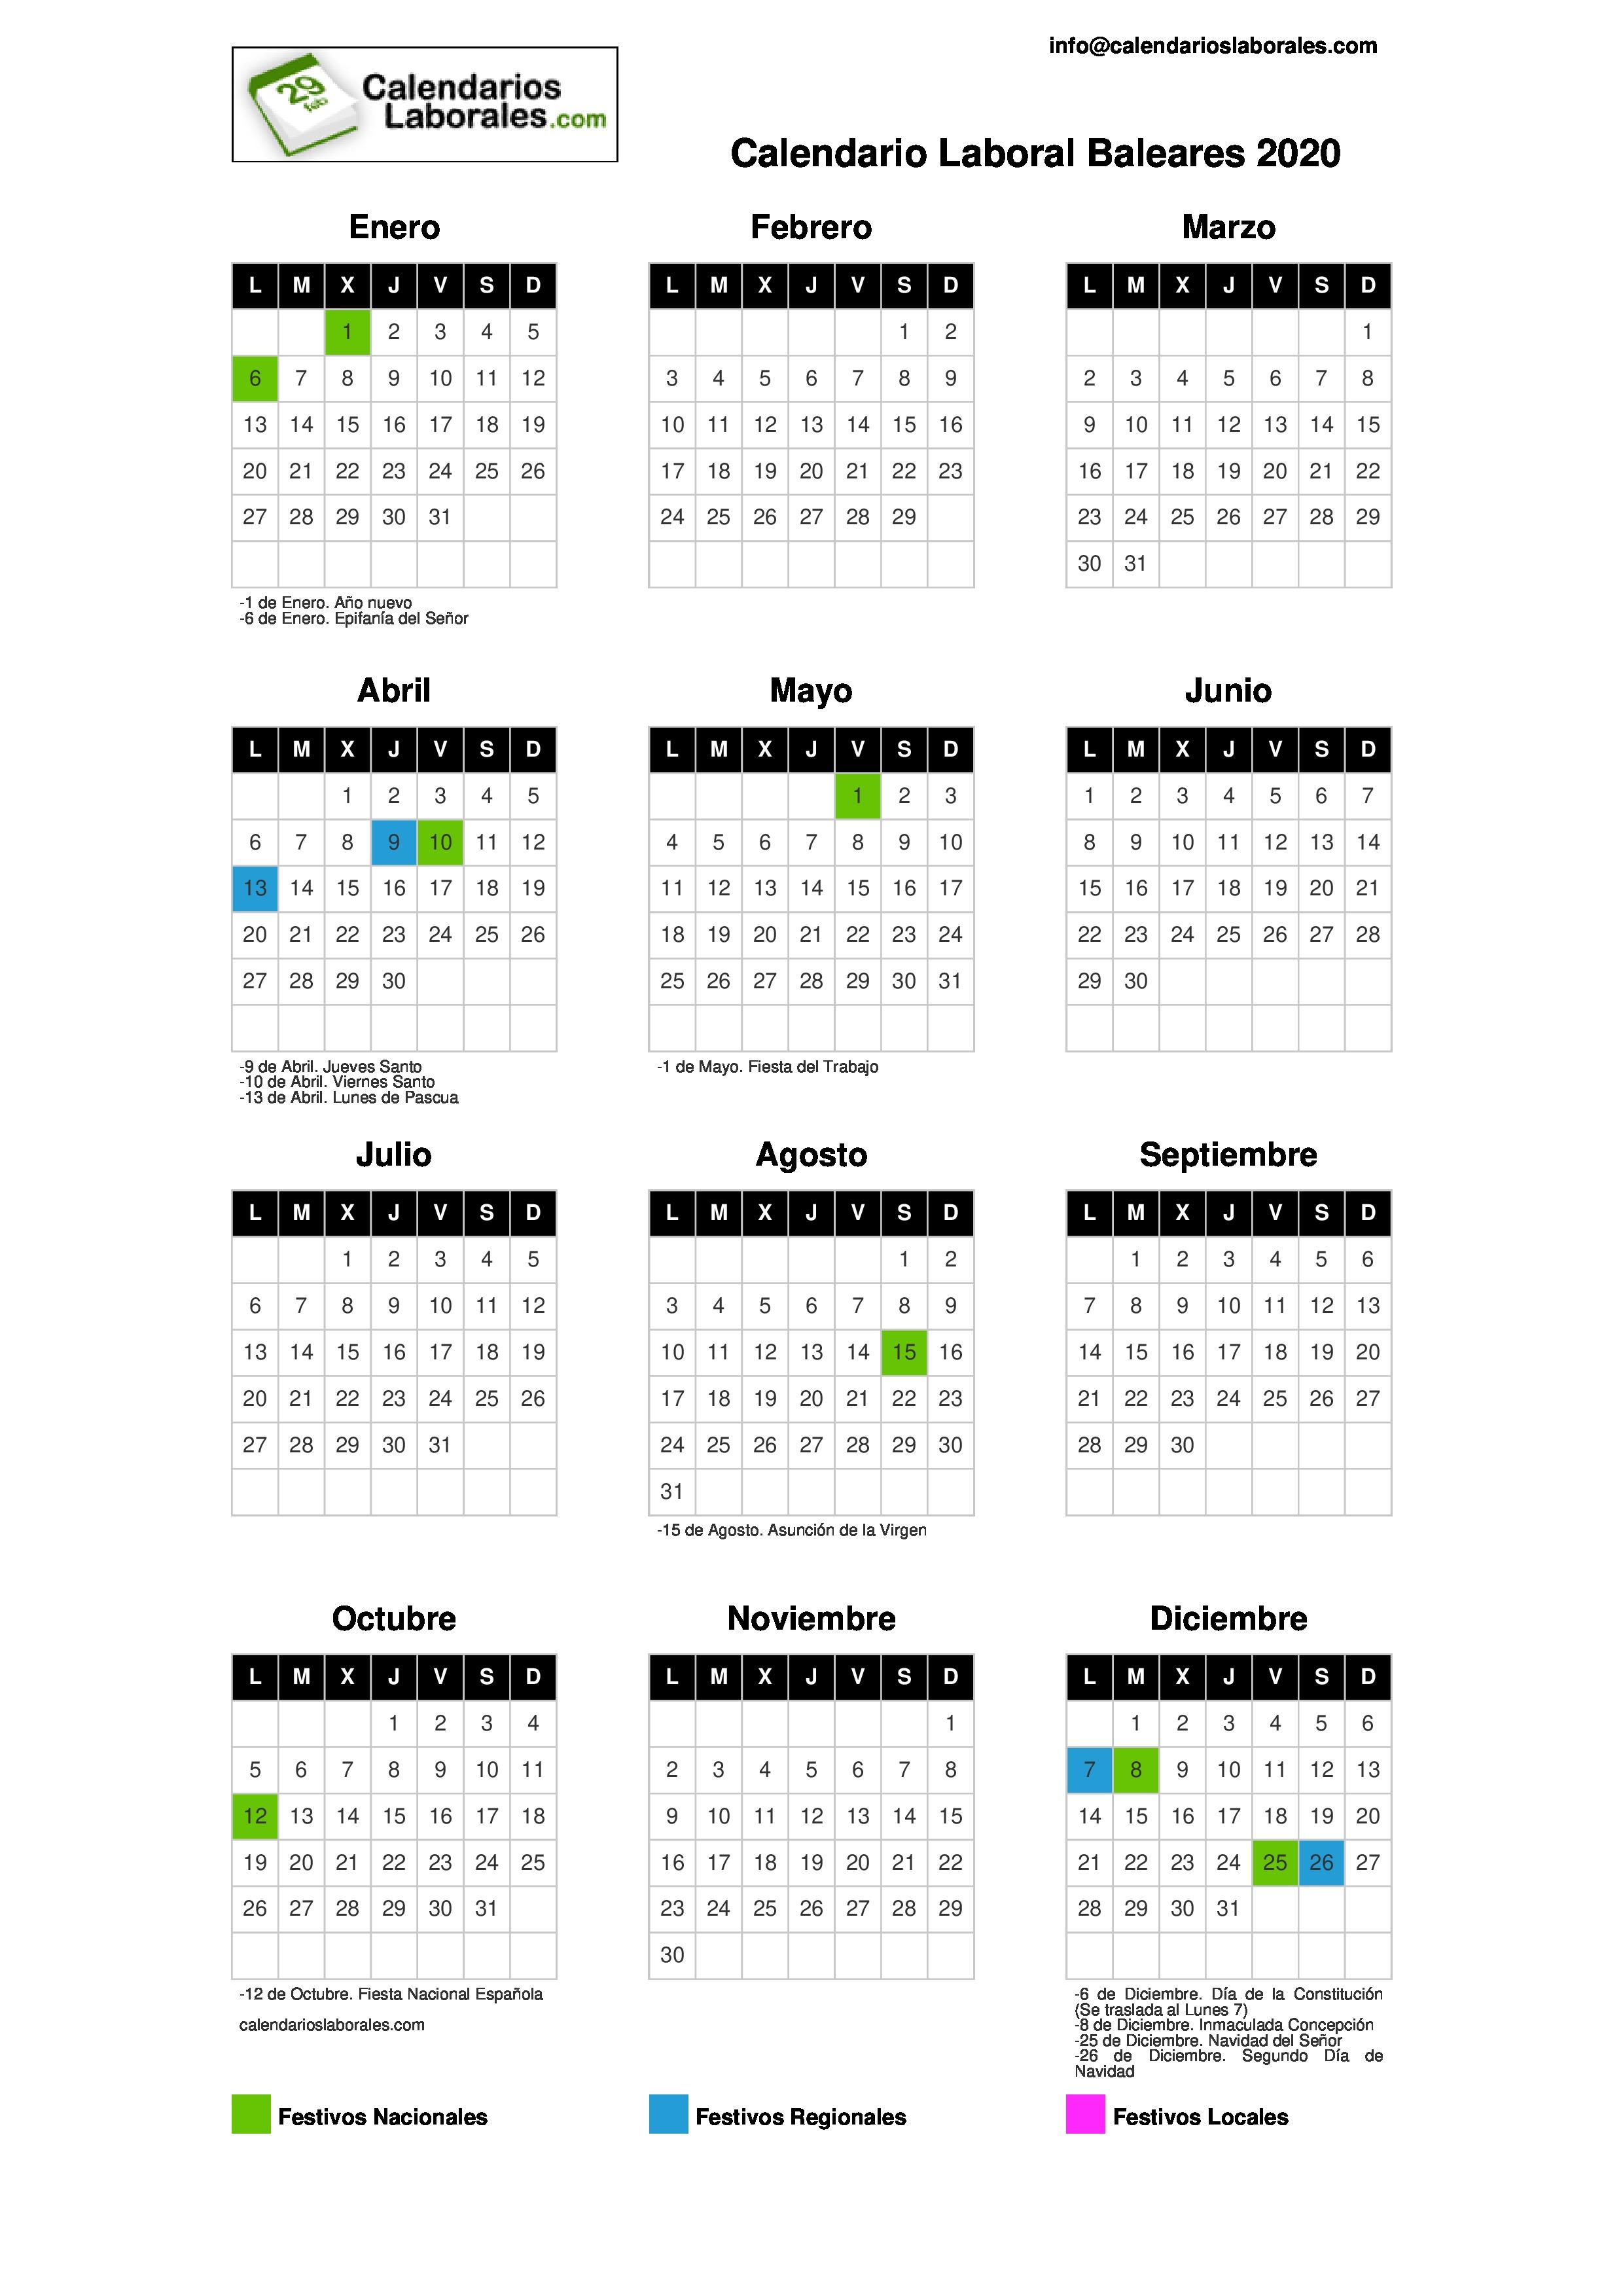 Calendario Laboral 2020 Mallorca.Calendario Laboral Baleares 2020